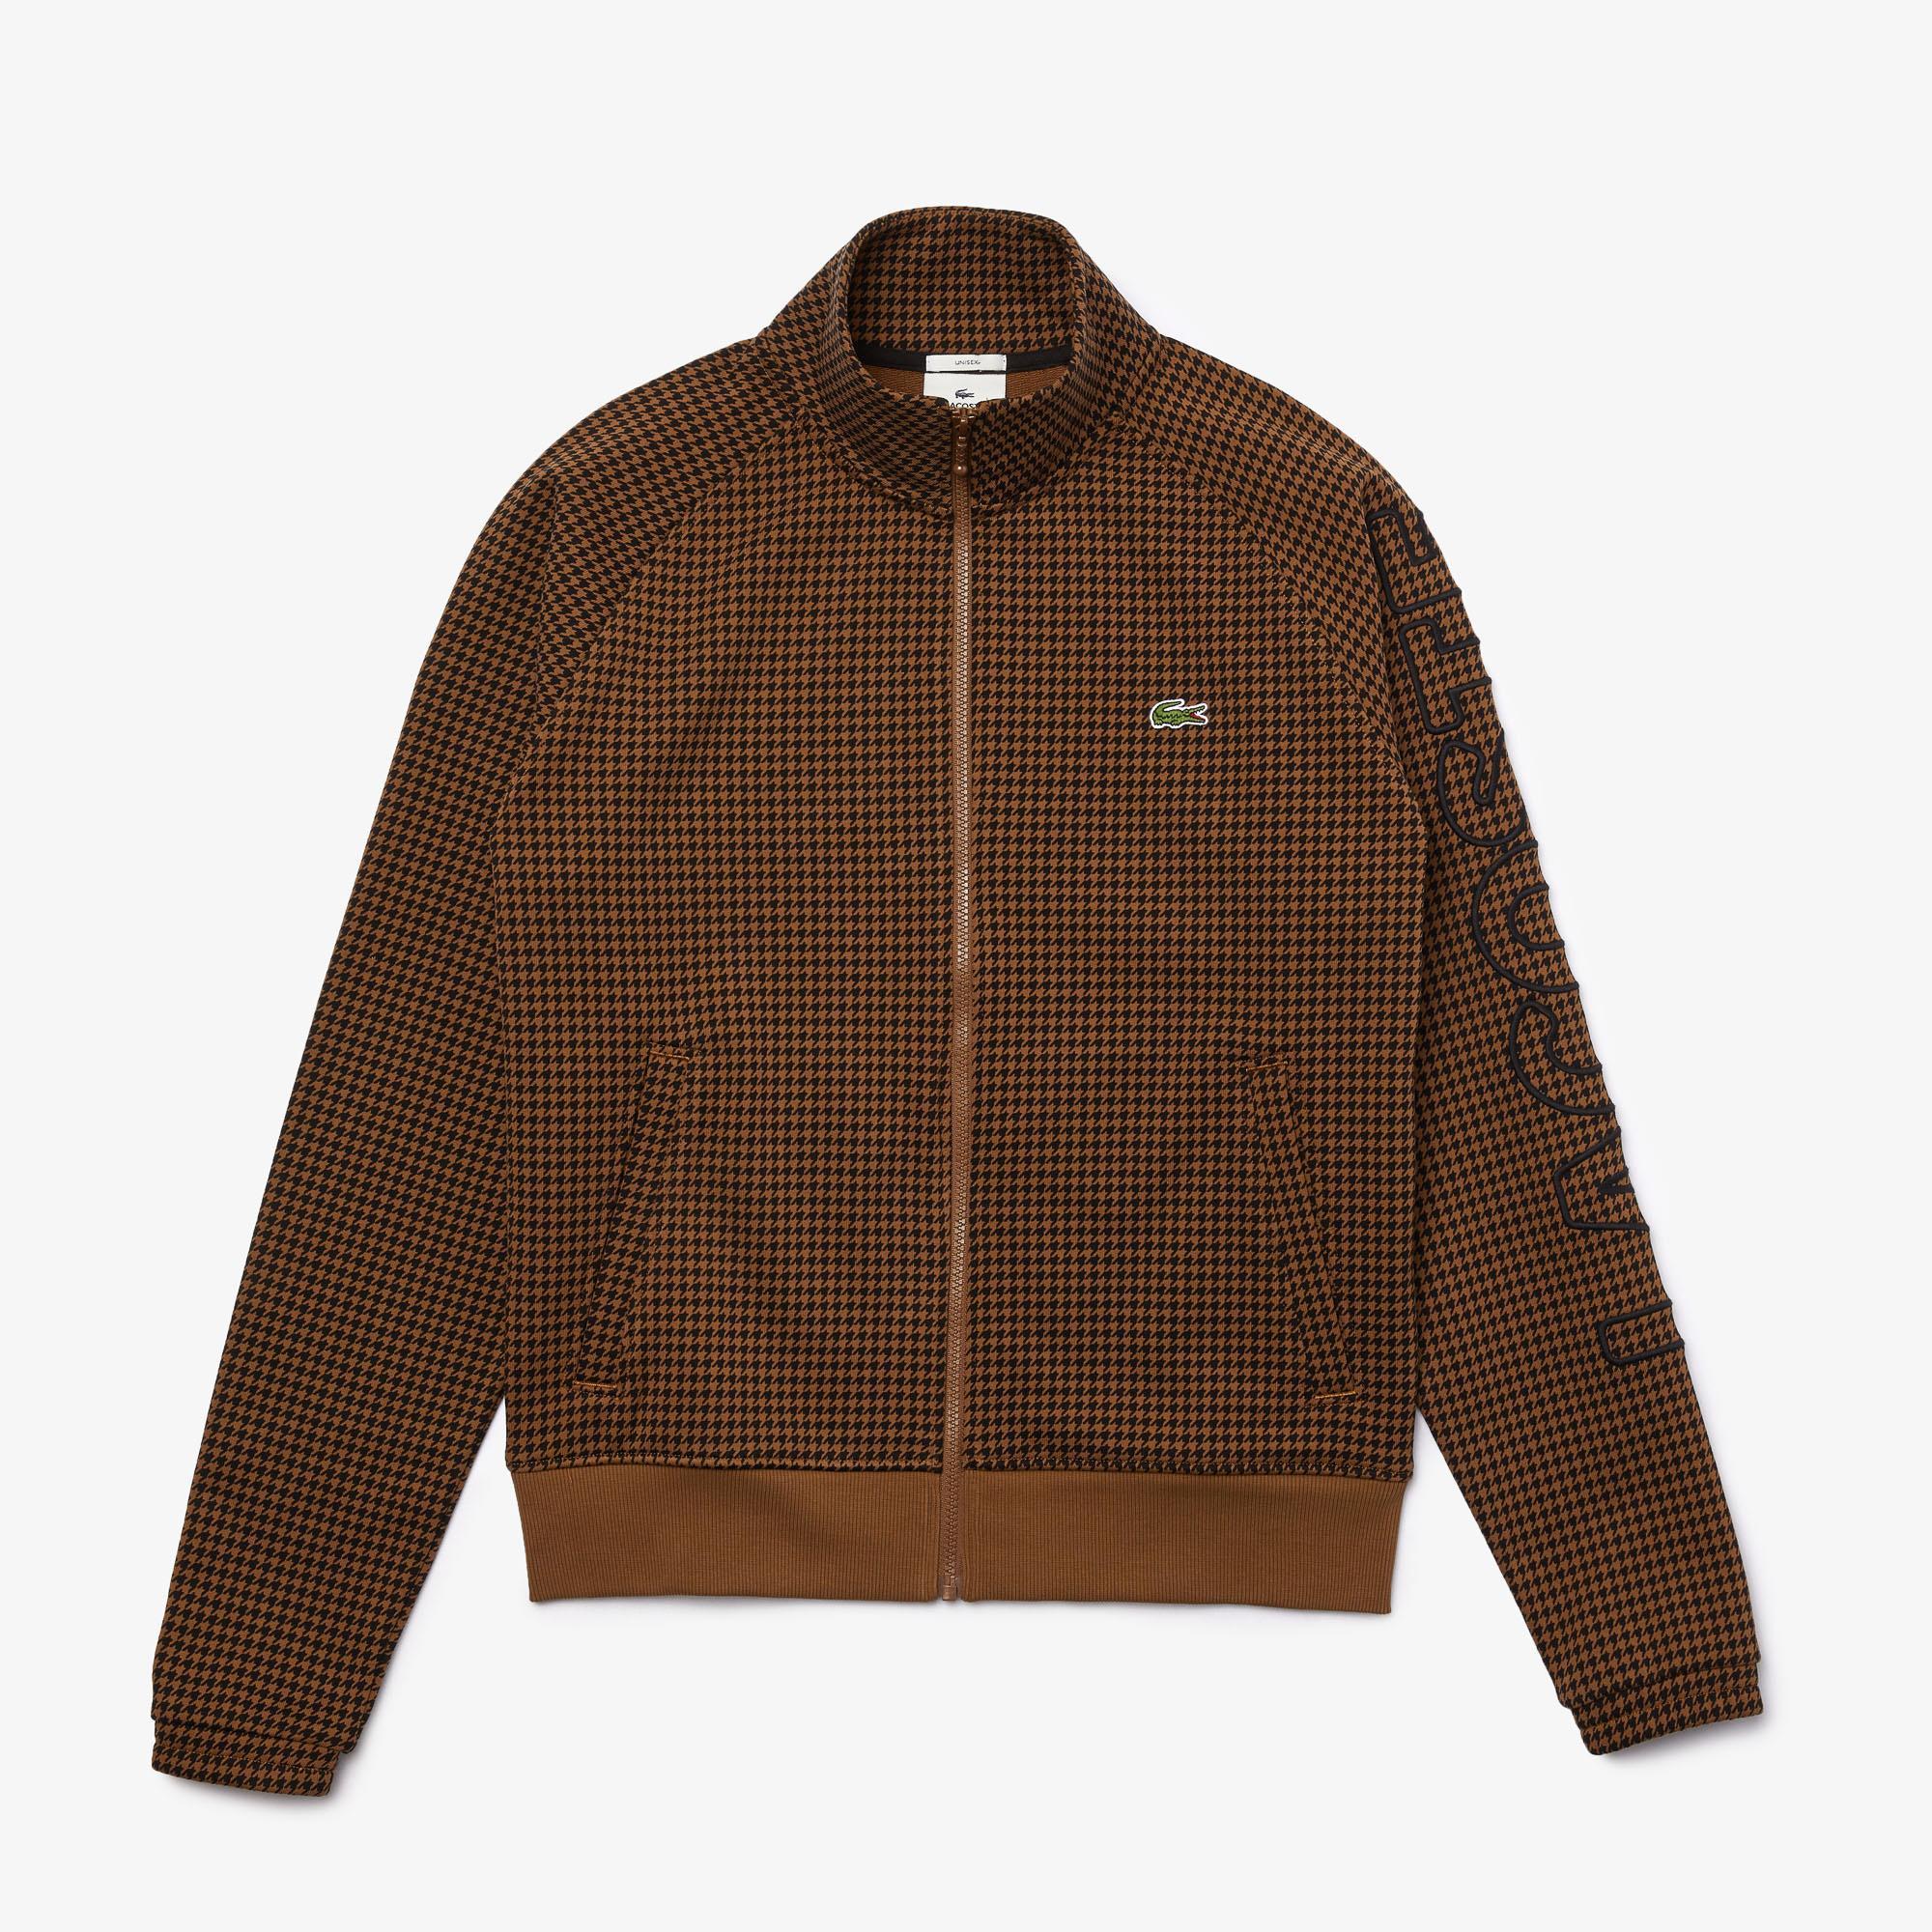 Lacoste L!VE Unisex Baskılı Fermuarlı Kahverengi Sweatshirt